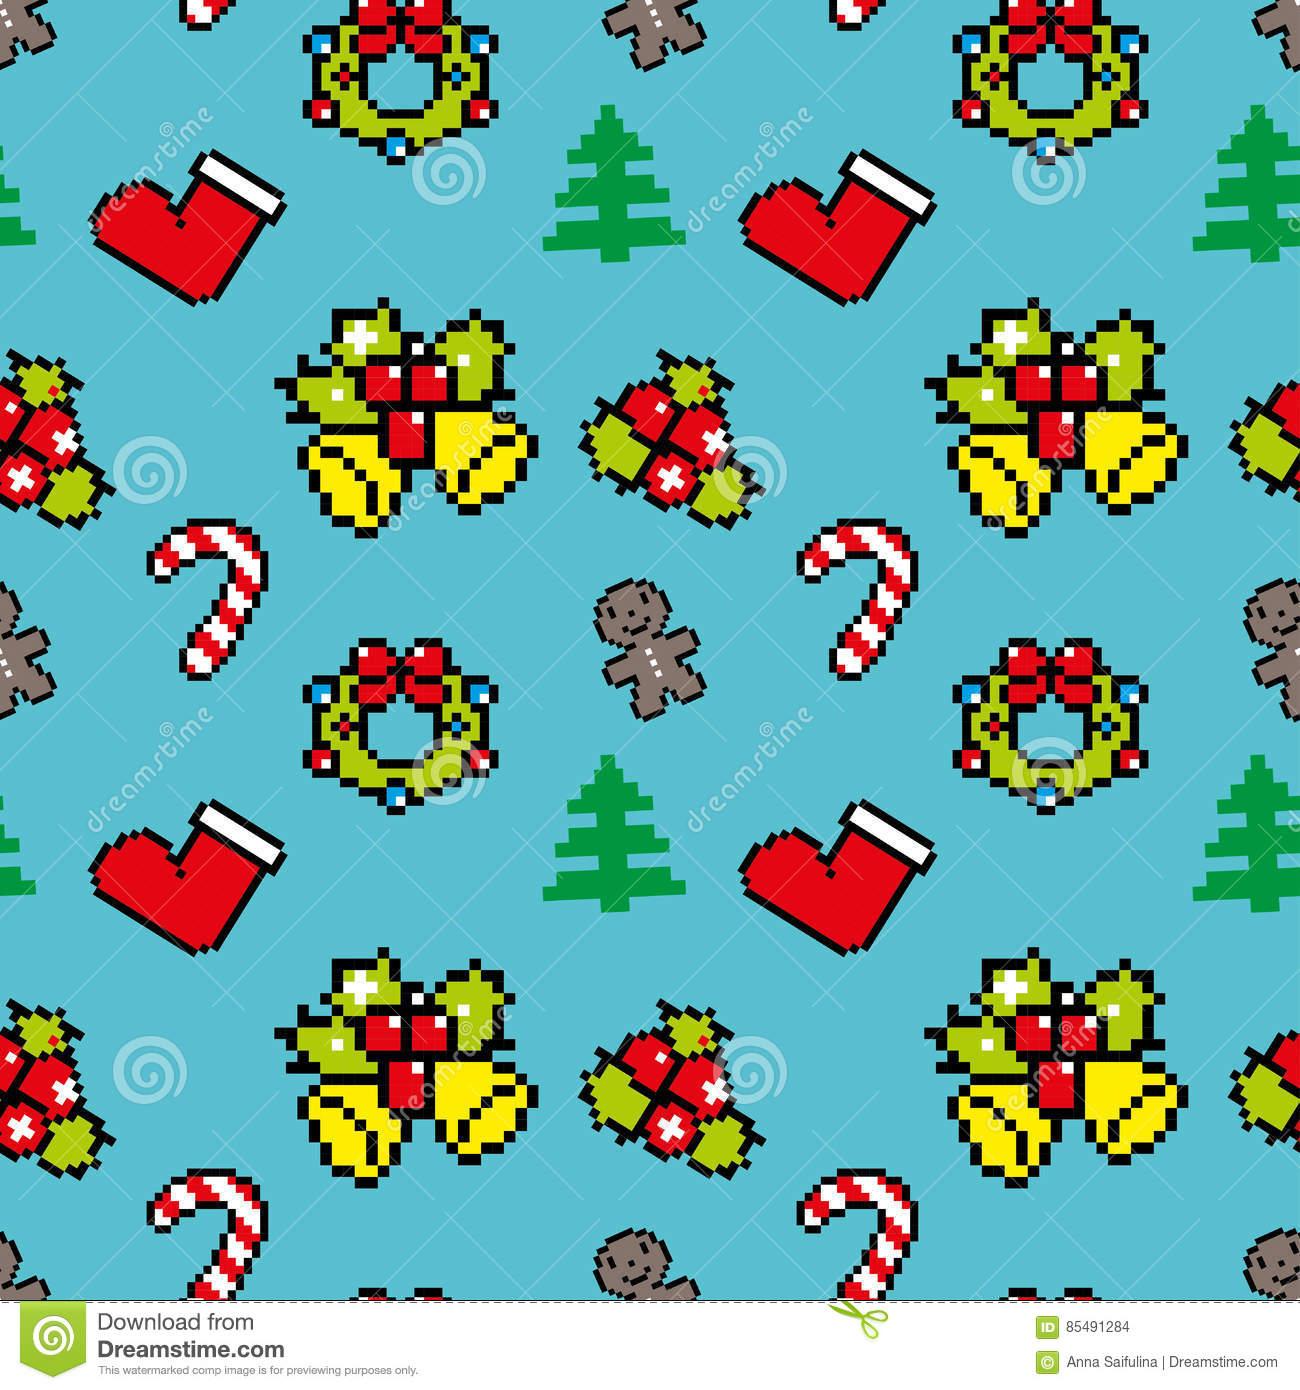 Background With Christmas Symbols Pixel Art Blue Color Stock dedans Pixel Art De Noël